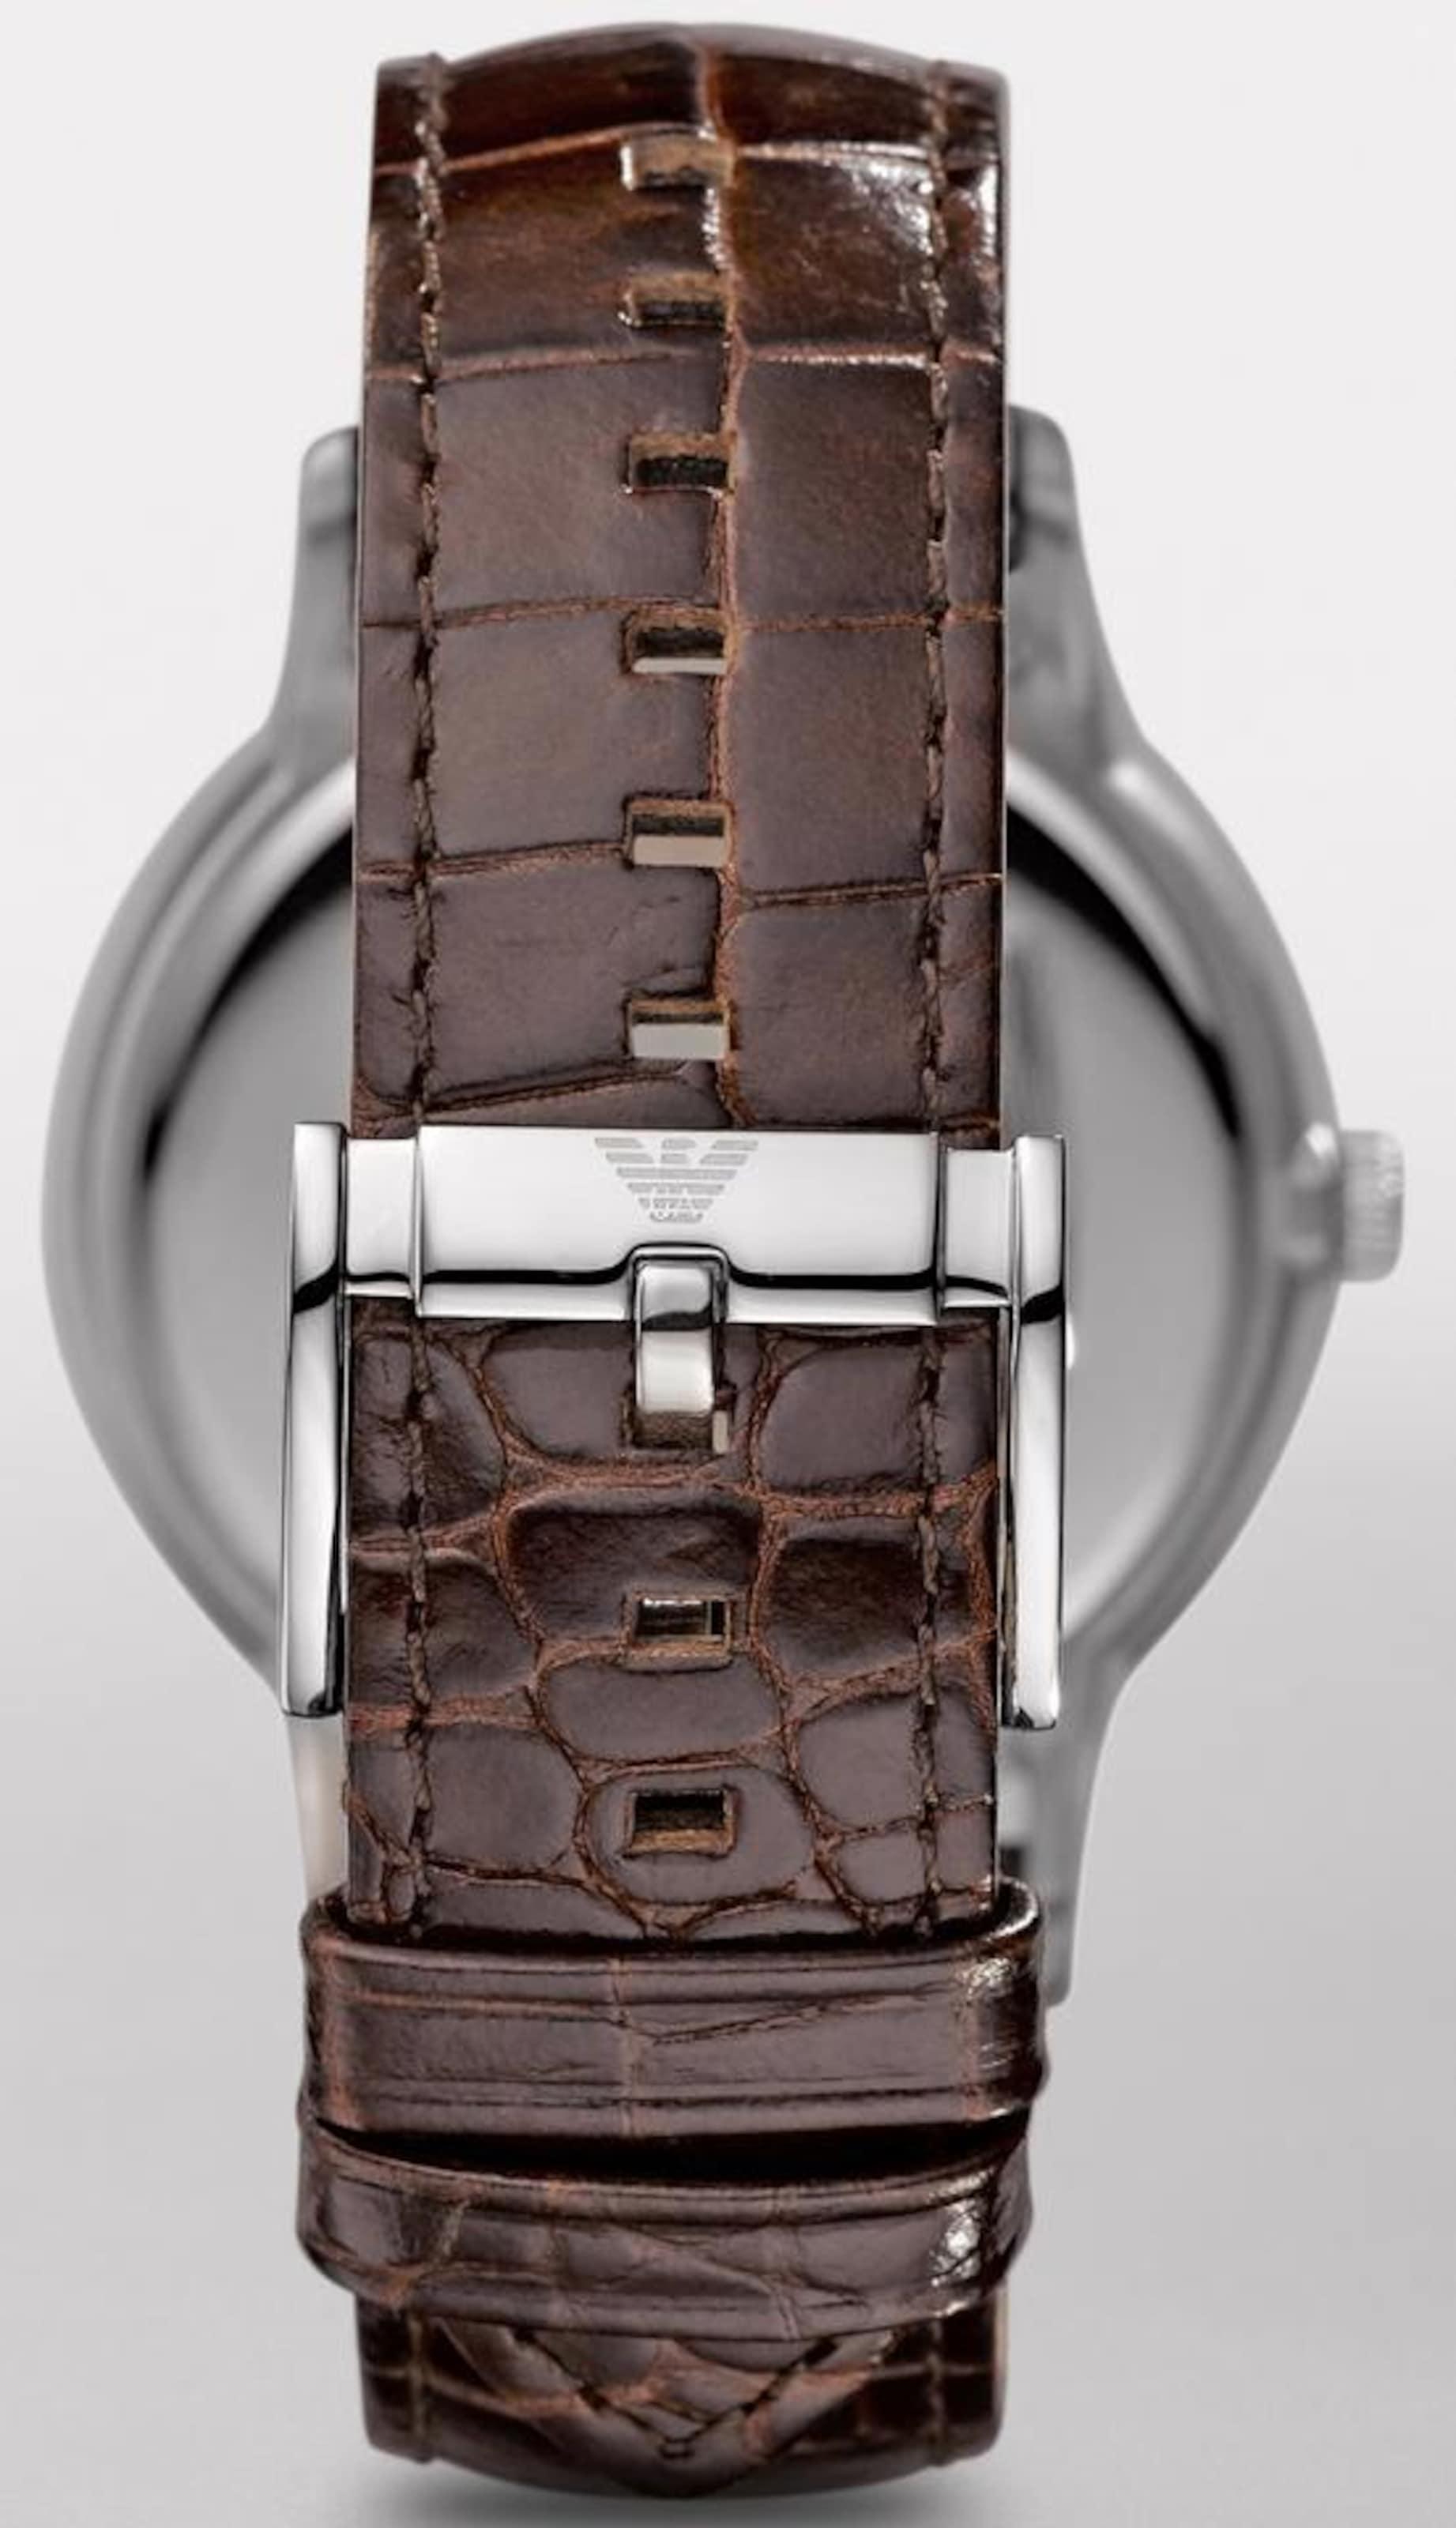 Verkauf Erstaunlicher Preis Wählen Sie Eine Beste Emporio Armani Quarzuhr 'AR2427' Preiswerte Reale Eastbay Breite Palette Von r5f0kY2Ix